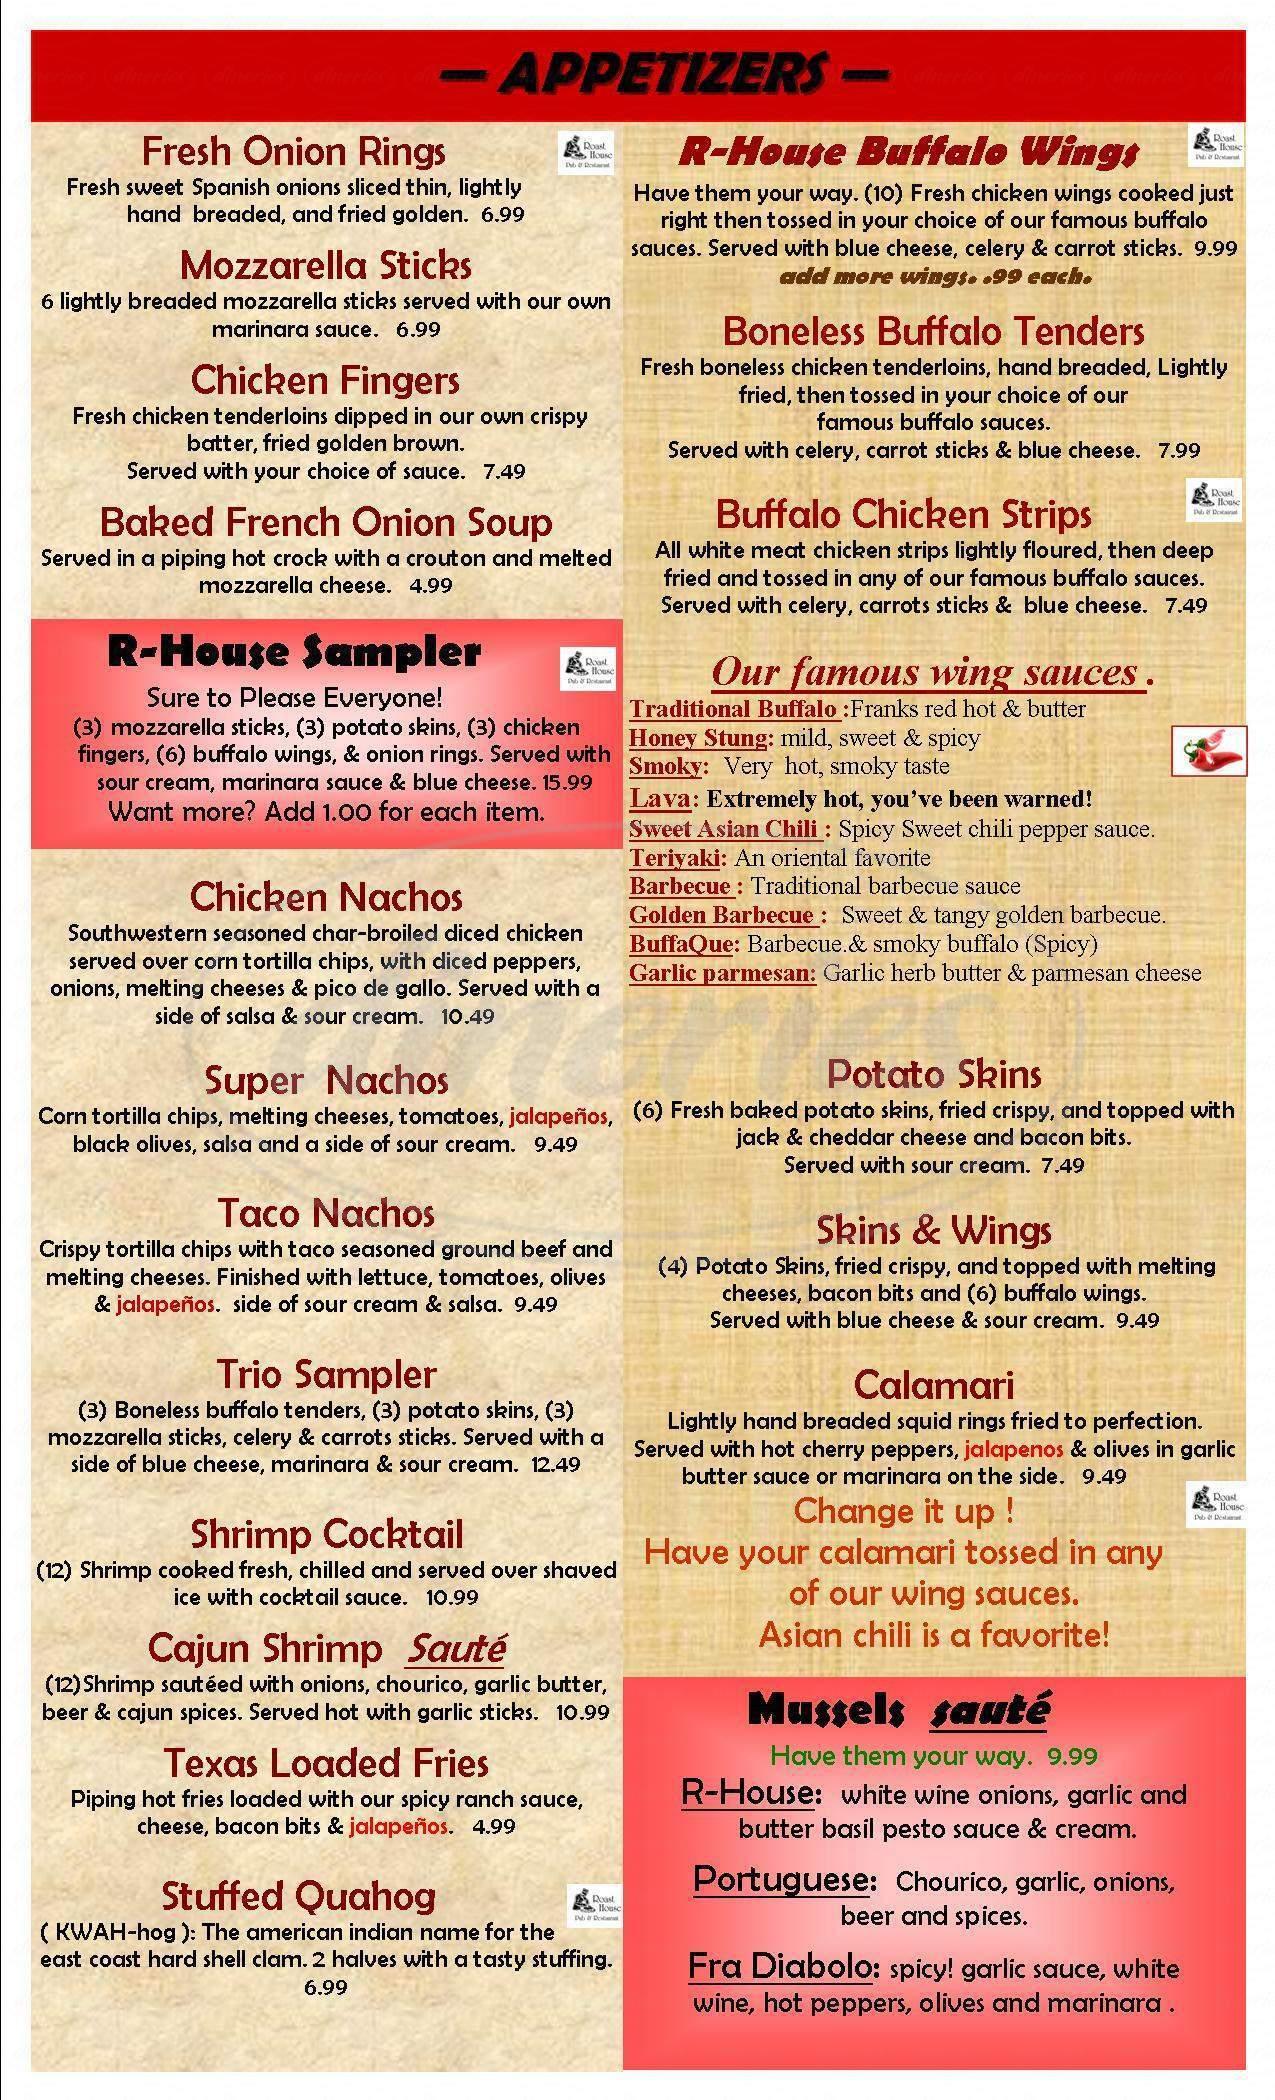 menu for The Roast House